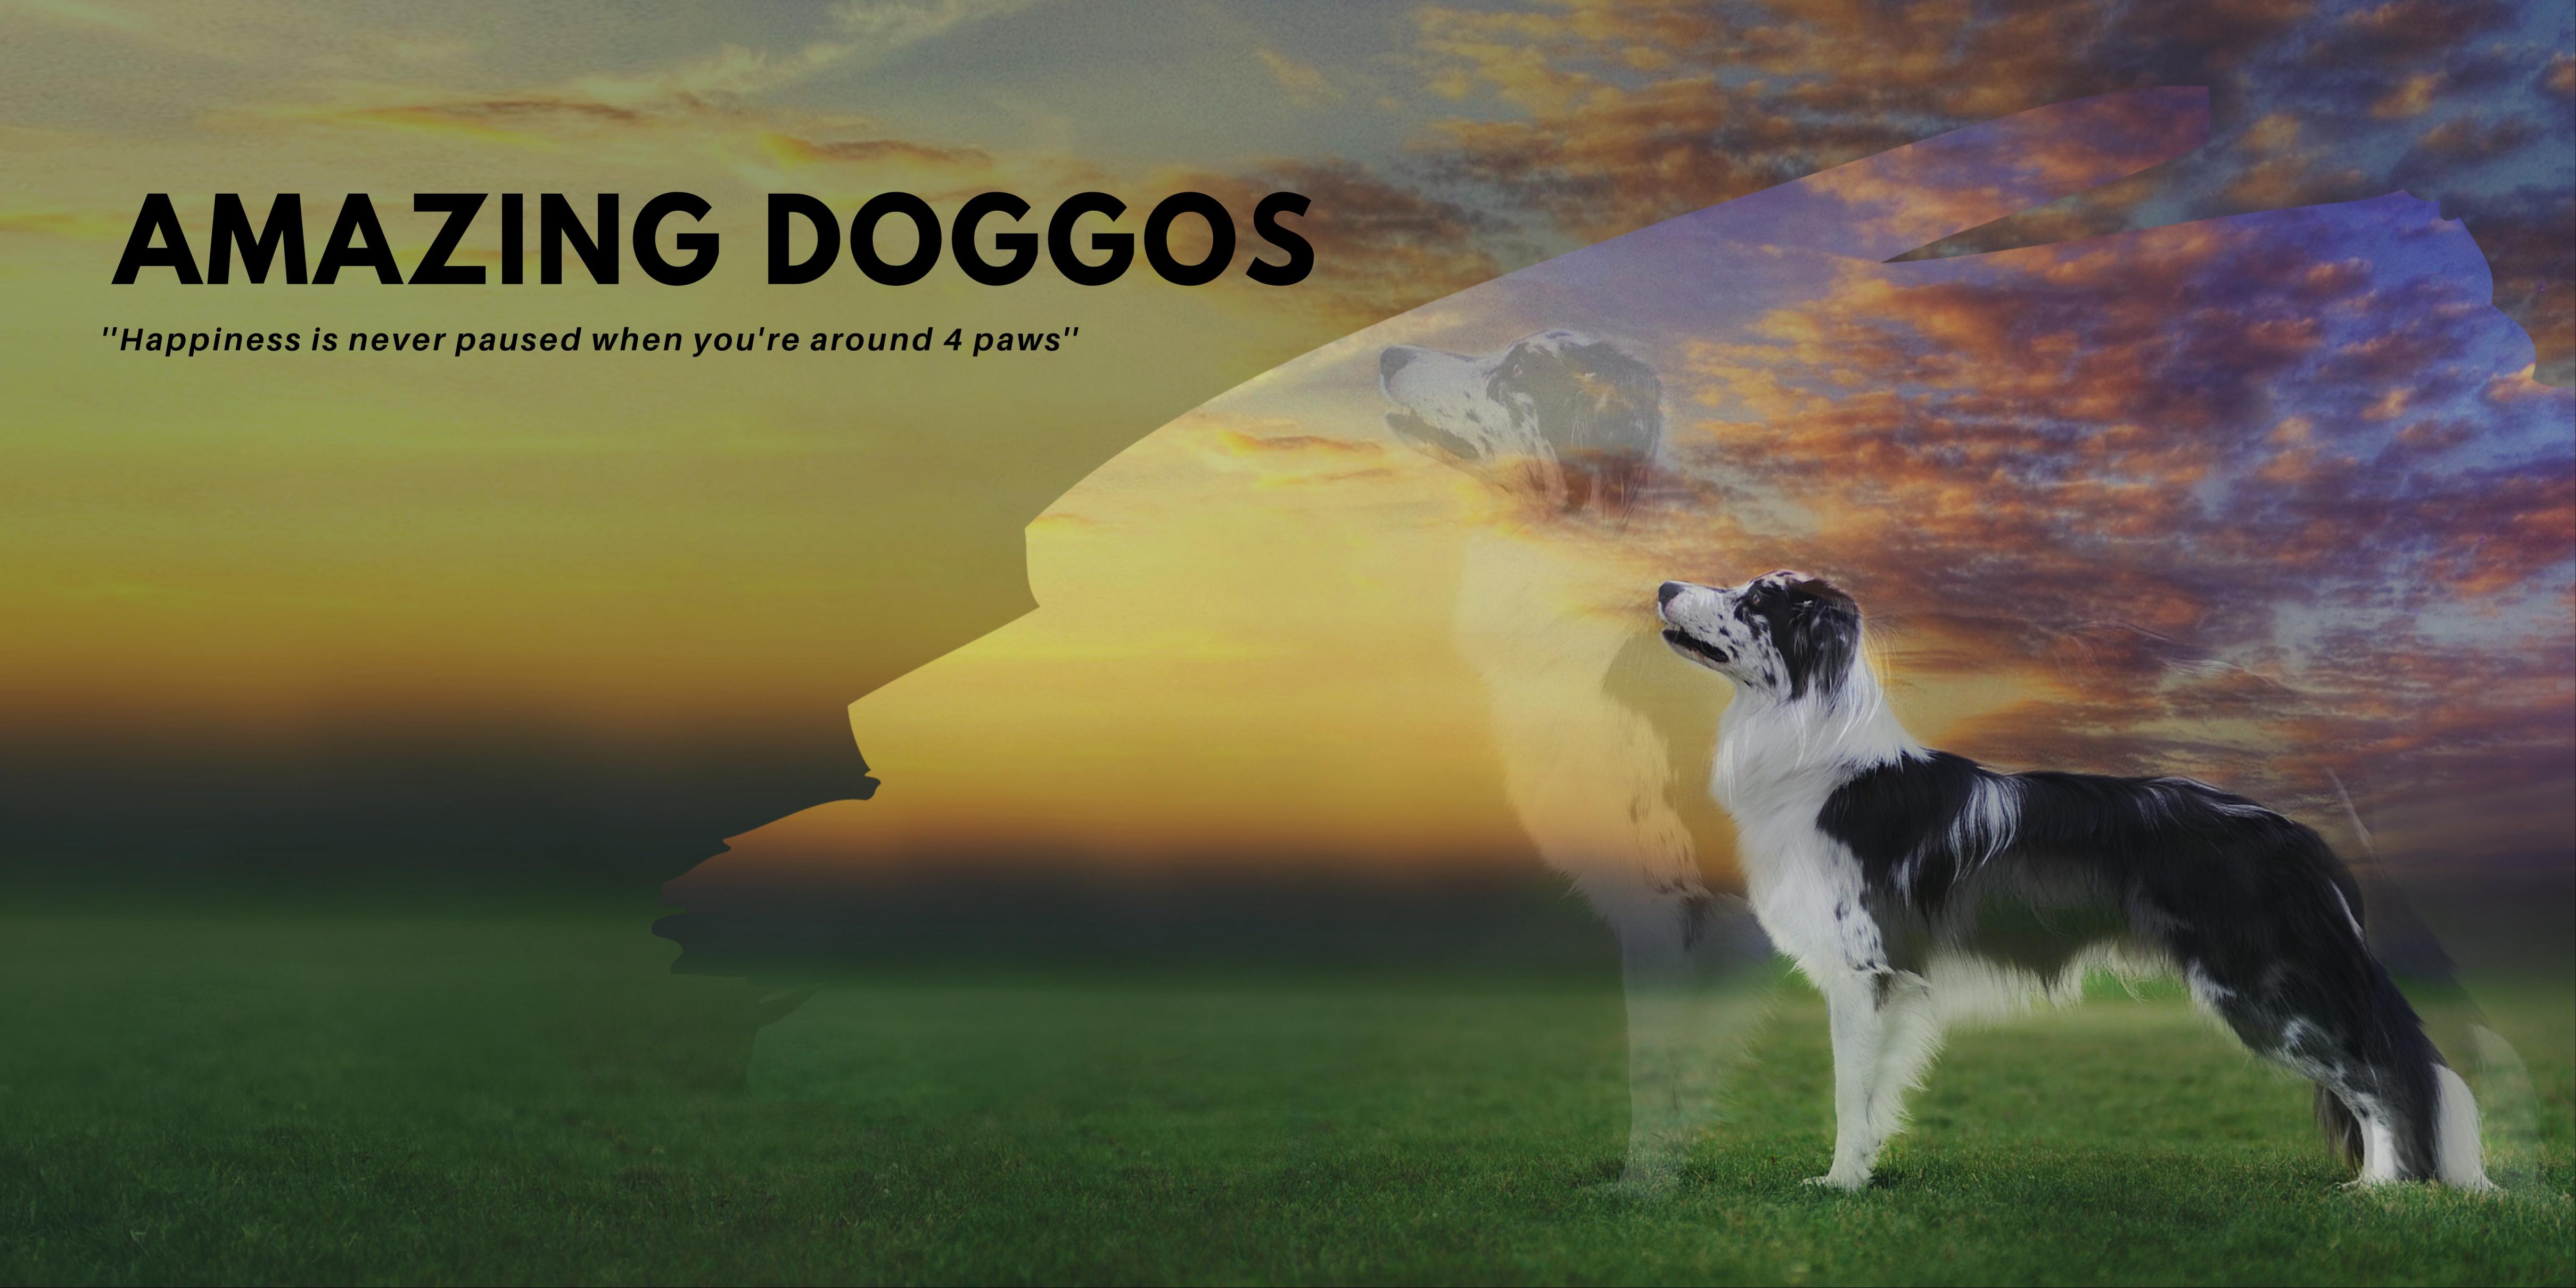 Amazing Doggos Image